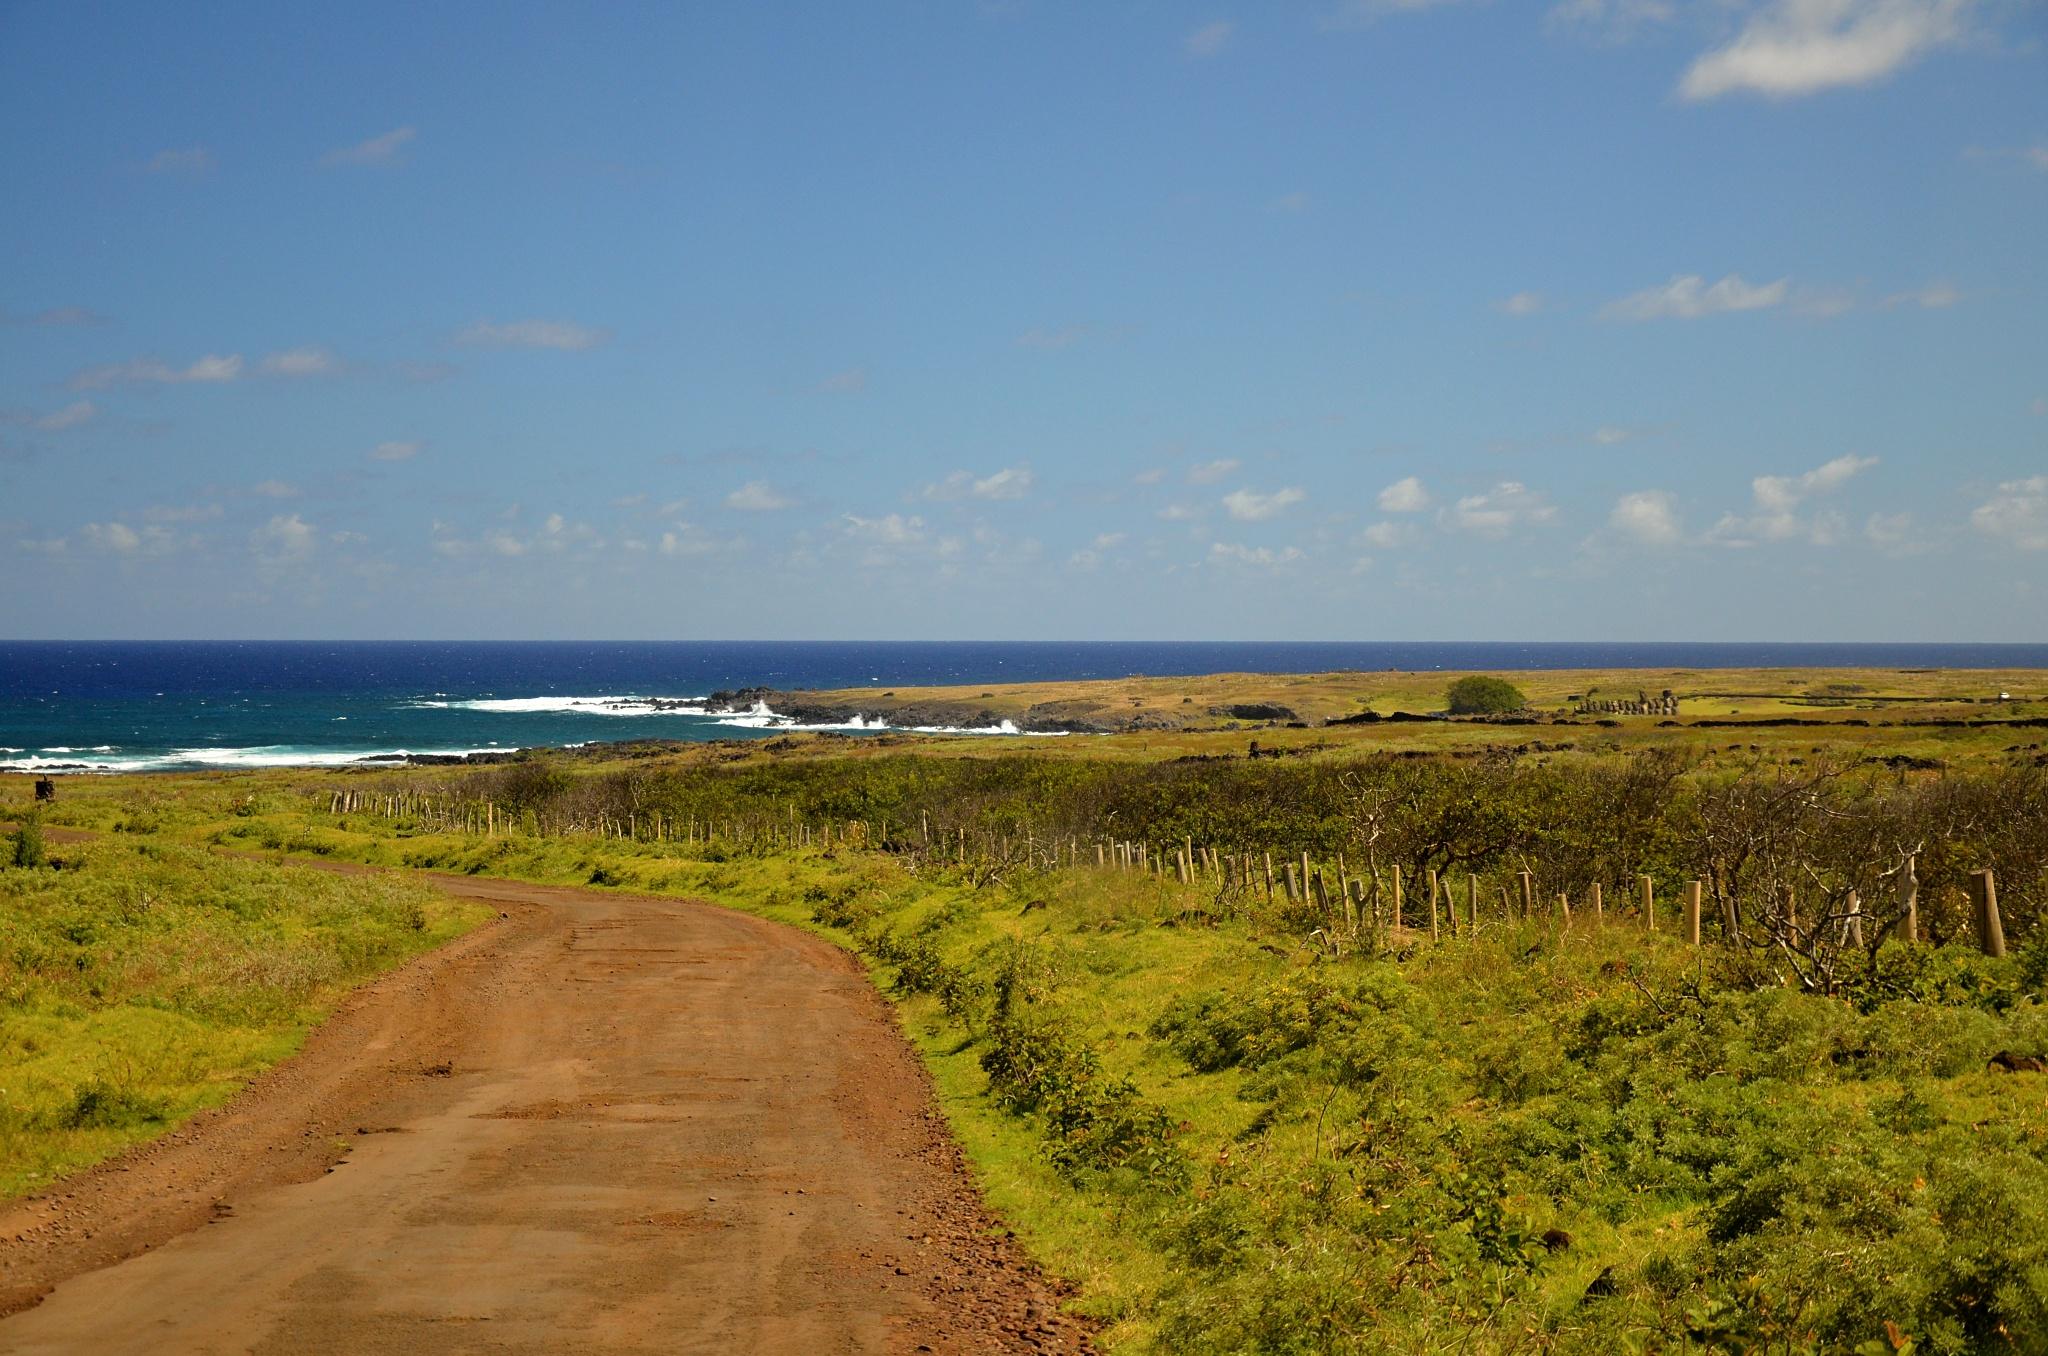 Pozvolna se blížíme k Ahu Tongariki, největšímu ahu na ostrově